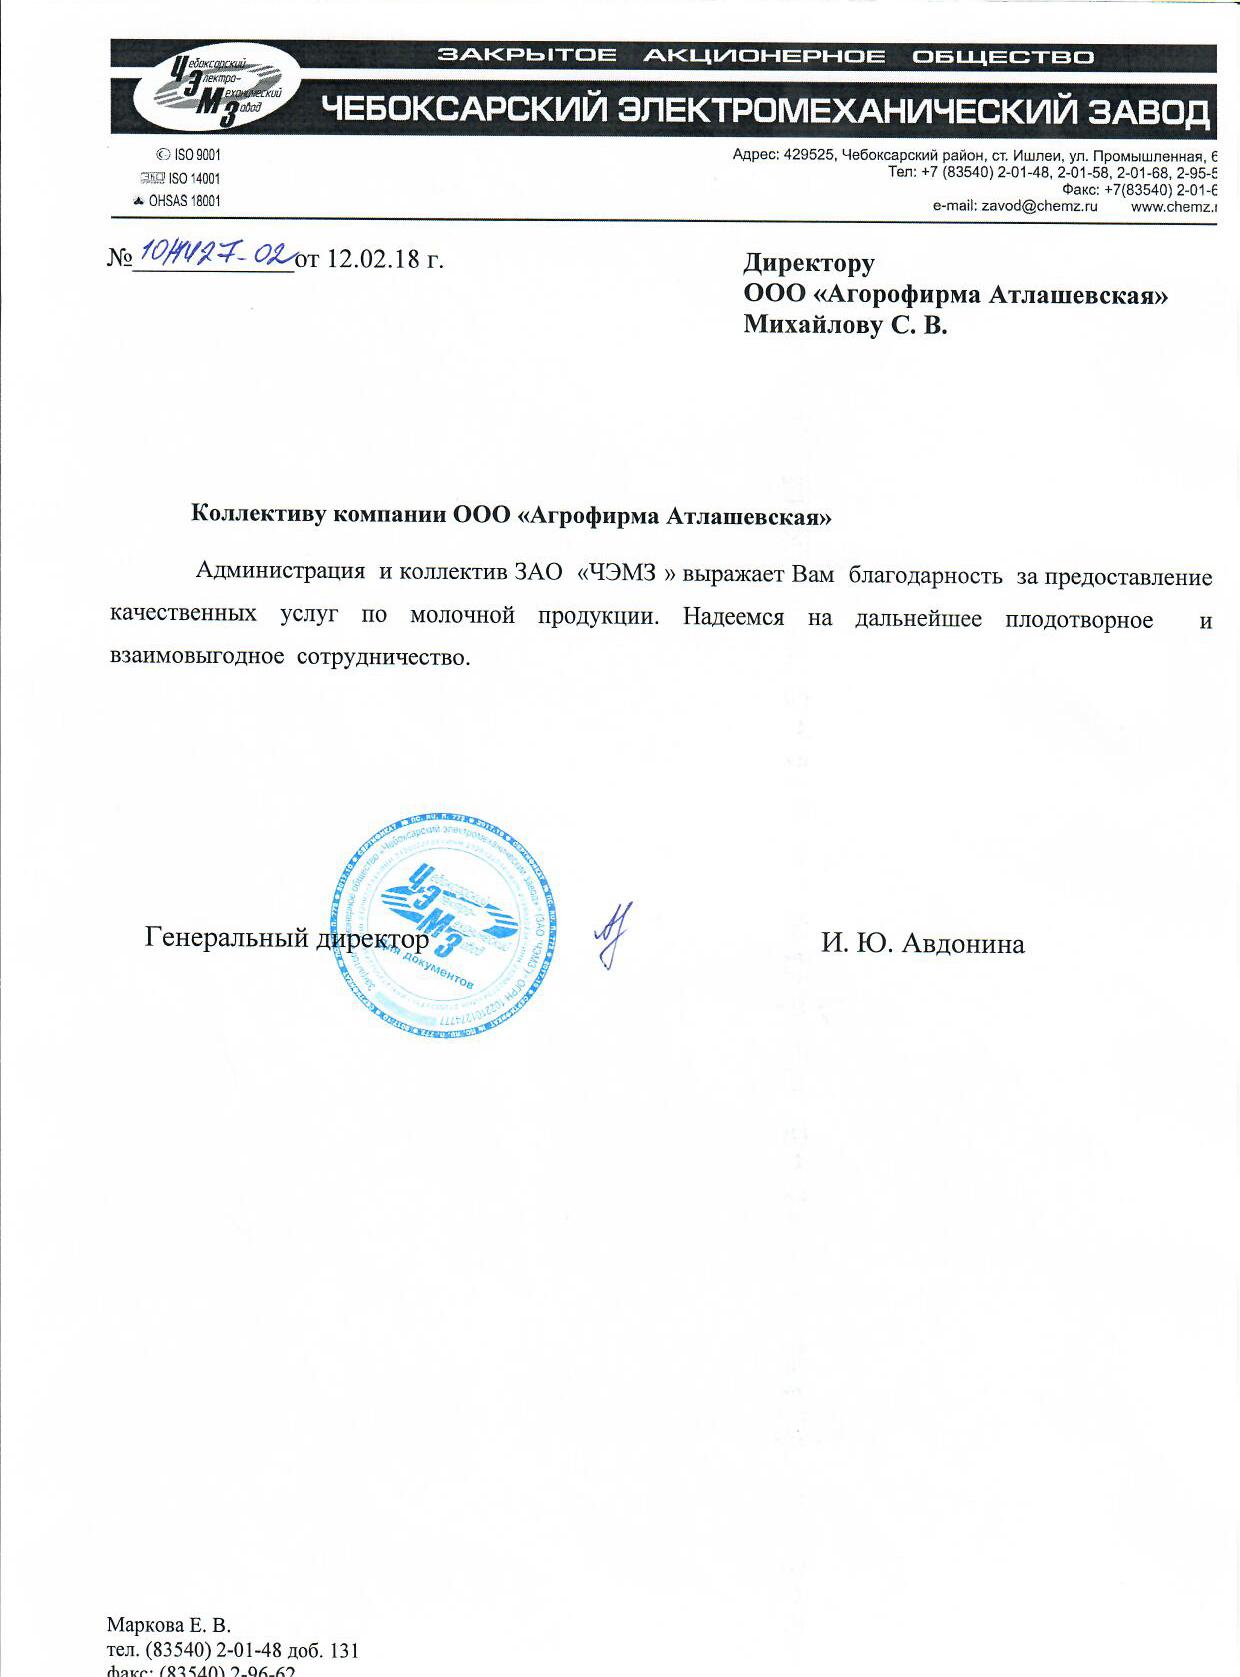 https://static-ru.insales.ru/files/1/6064/4904880/original/CHEMZ.jpg